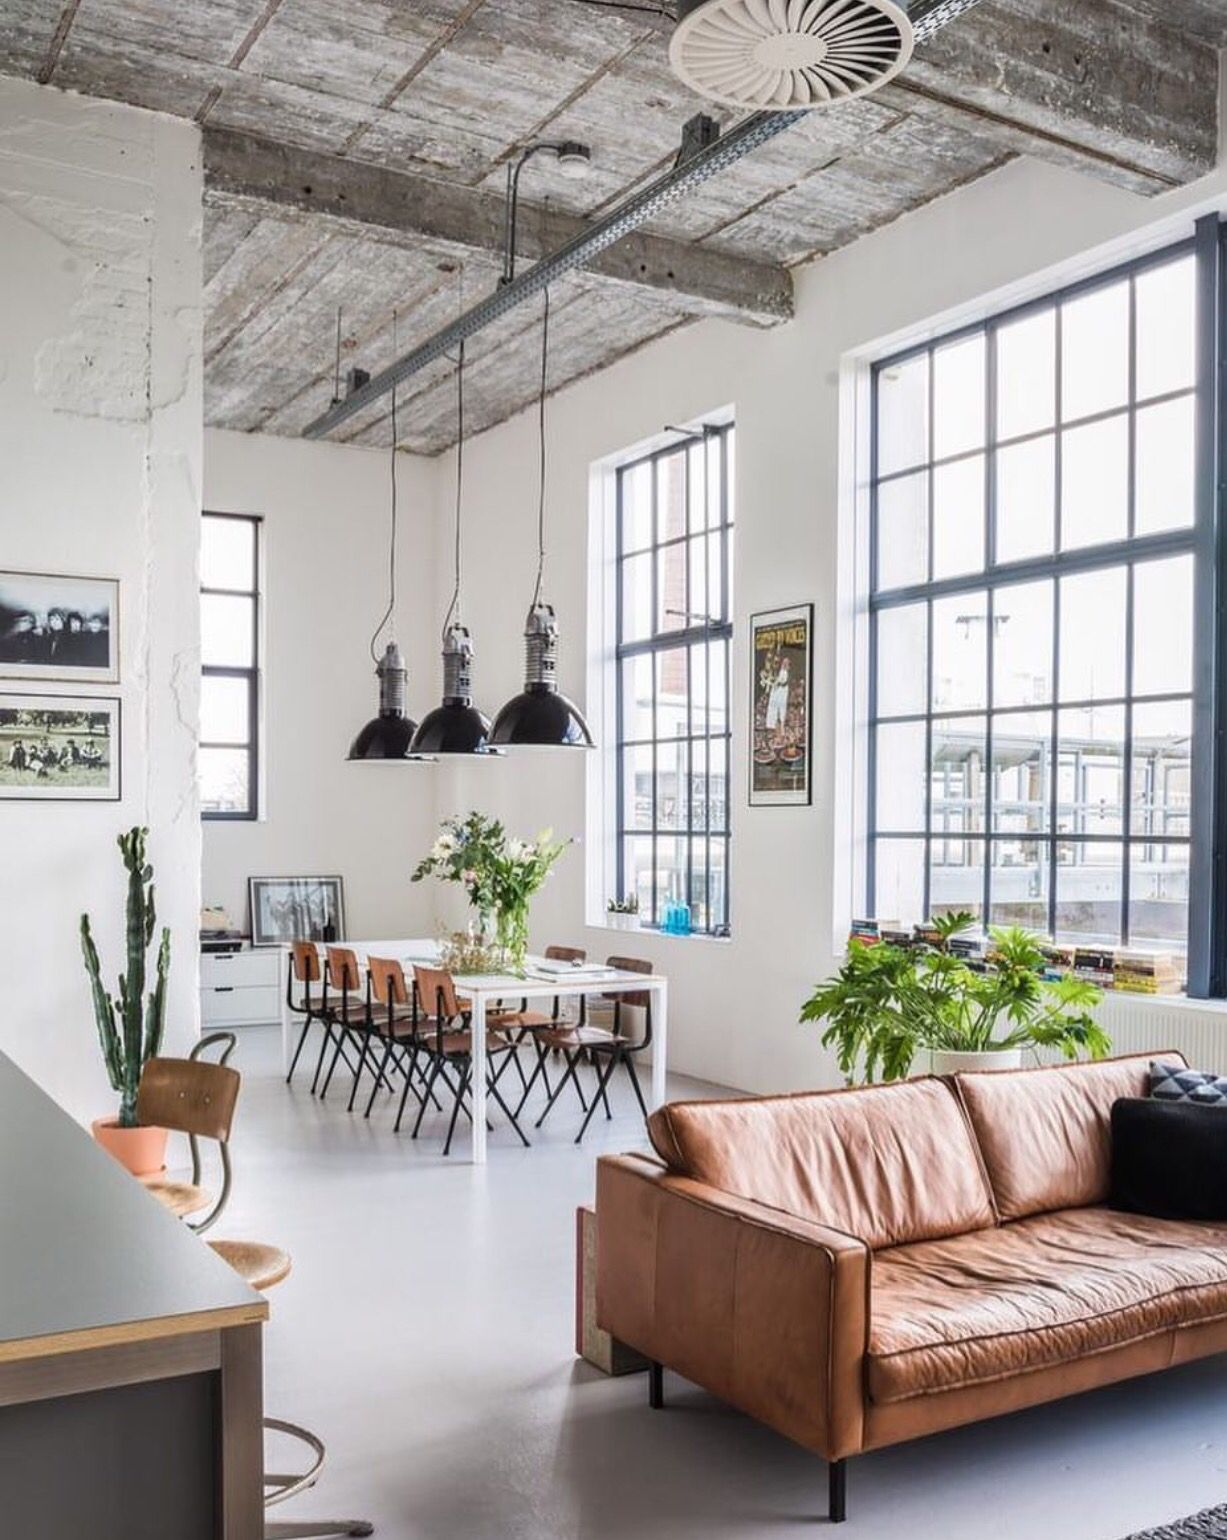 Pin von Residence Design auf inspobilder | Pinterest | Wohnraum ...